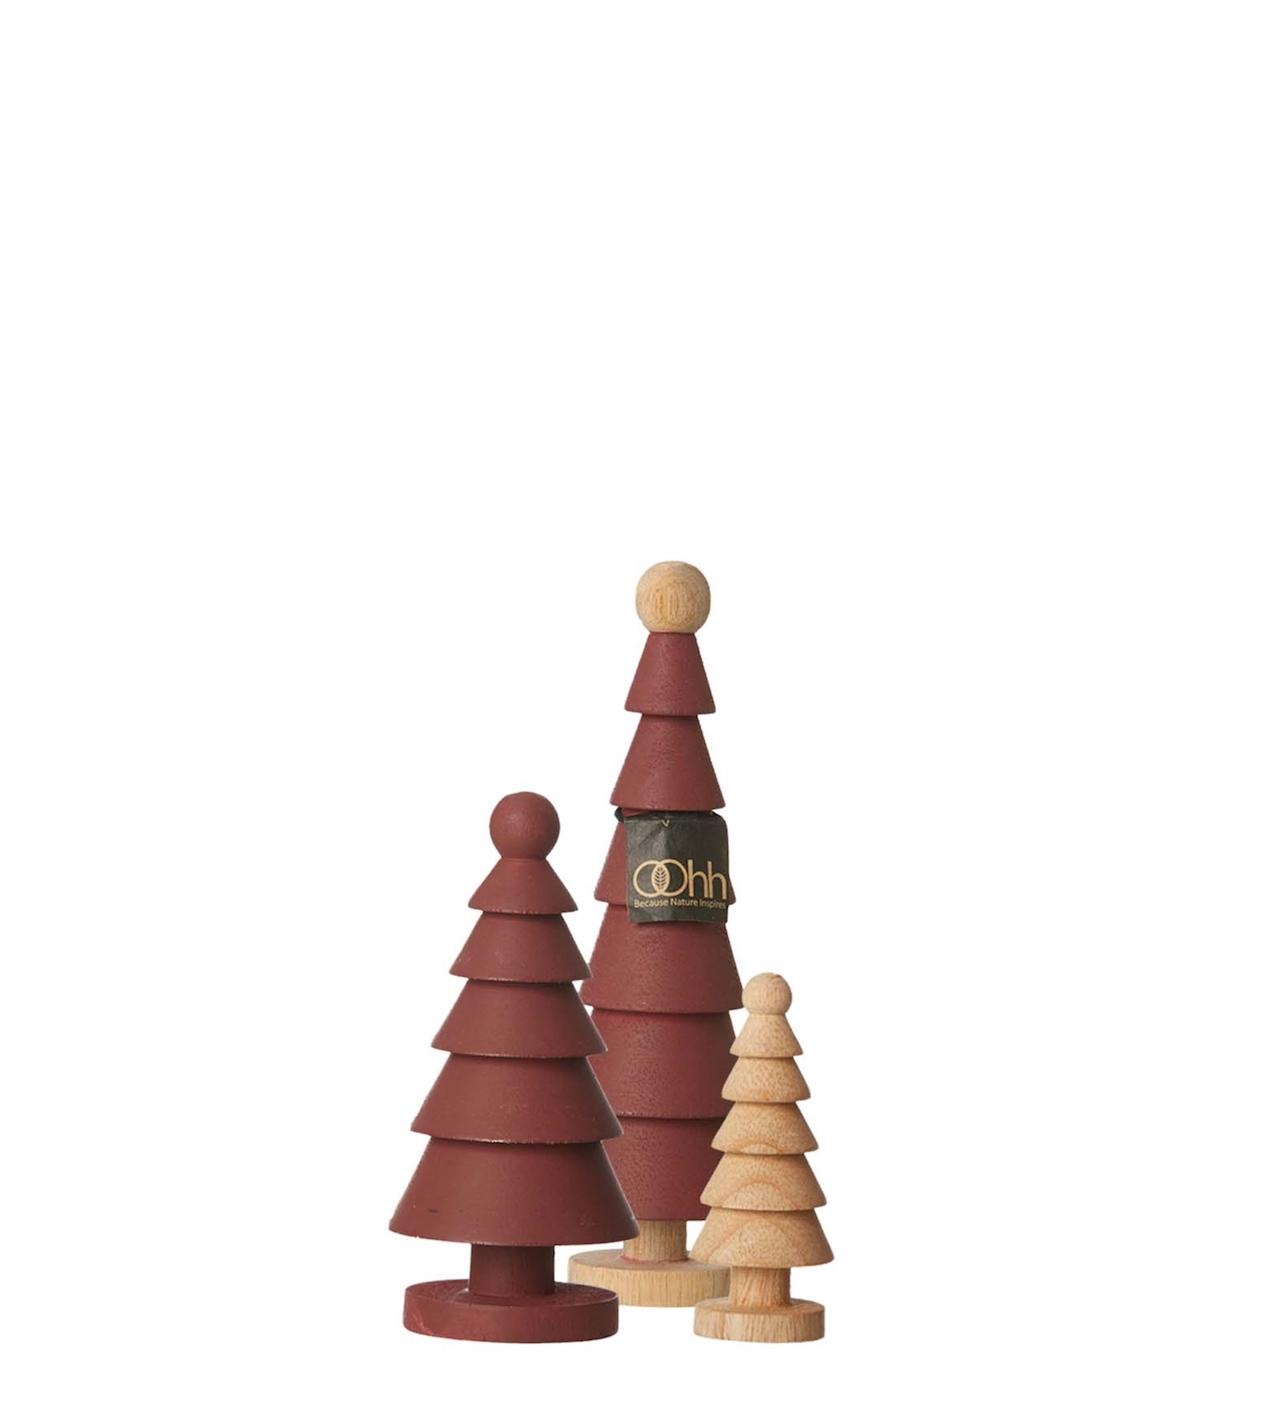 Mahogany Wooden Trees | alvaluz.com